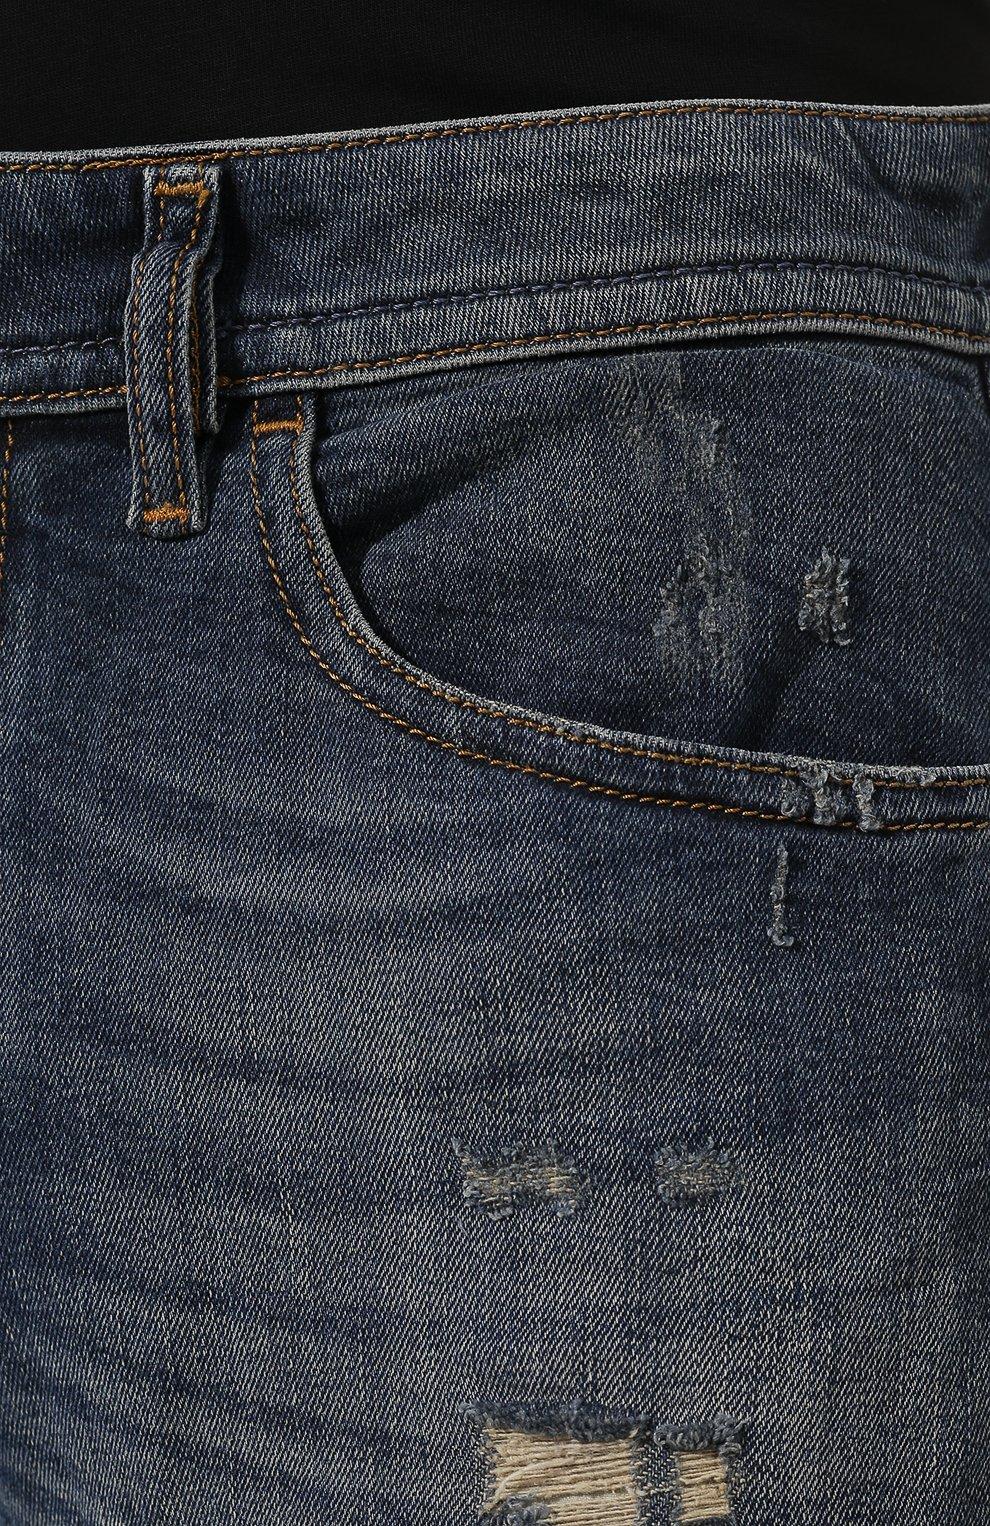 Джинсы Diesel синие   Фото №5